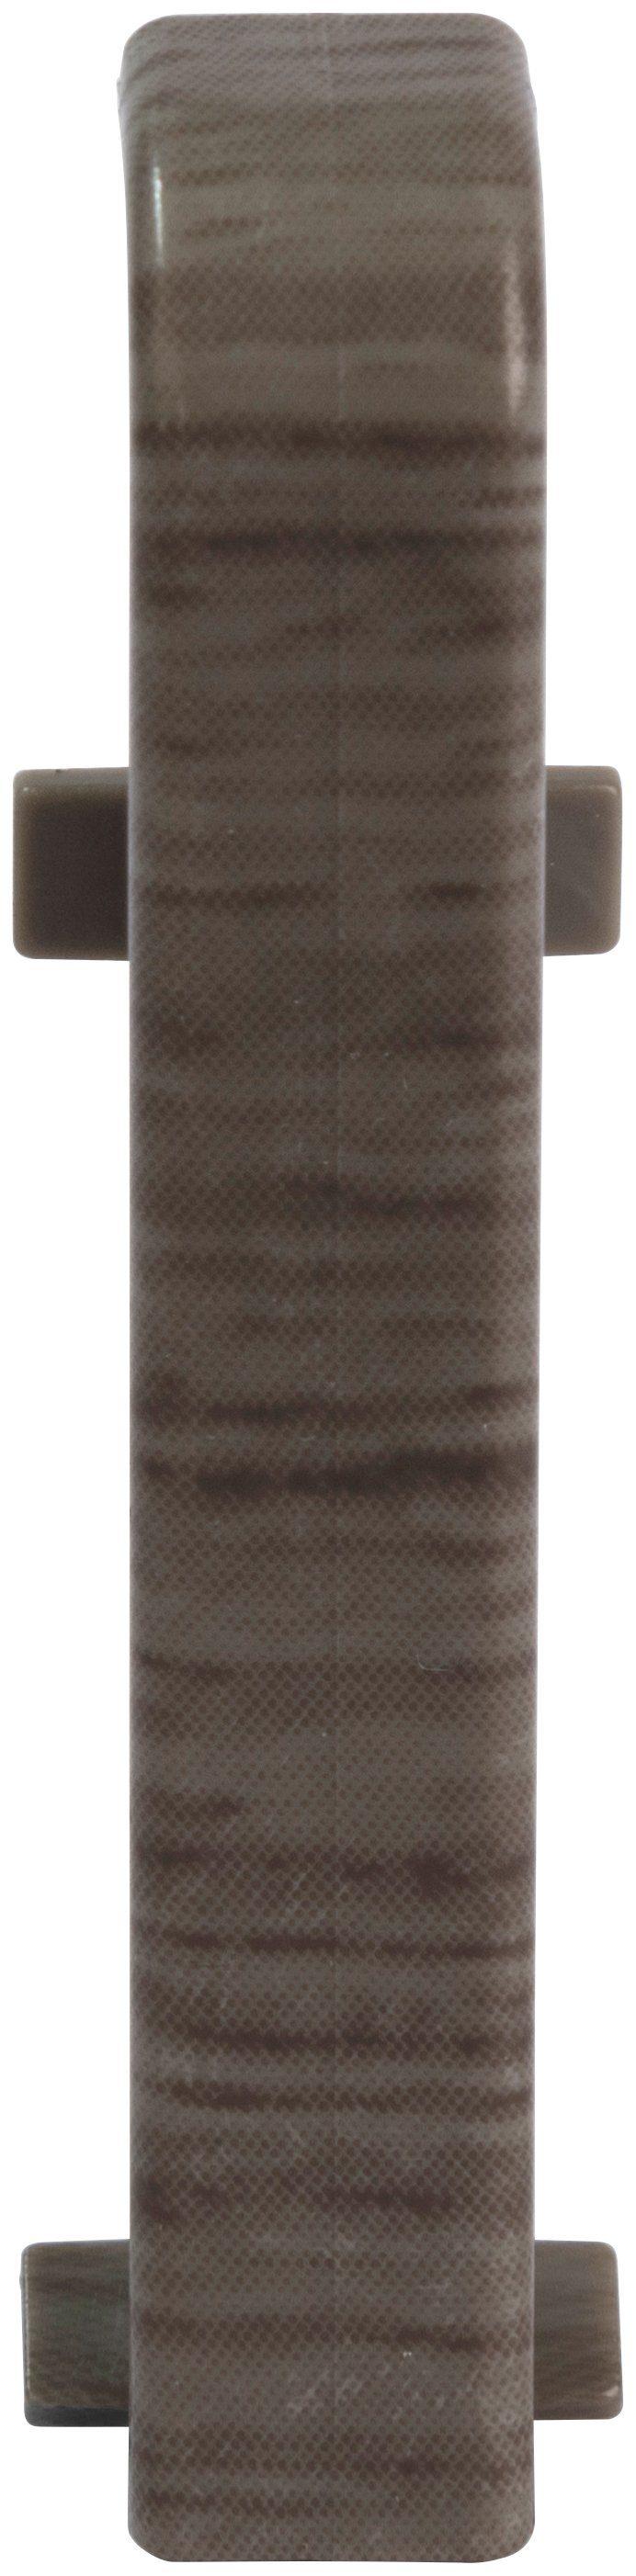 EGGER Zwischenstücke »Eiche anthrazit«, für 6 cm EGGER Sockelleiste